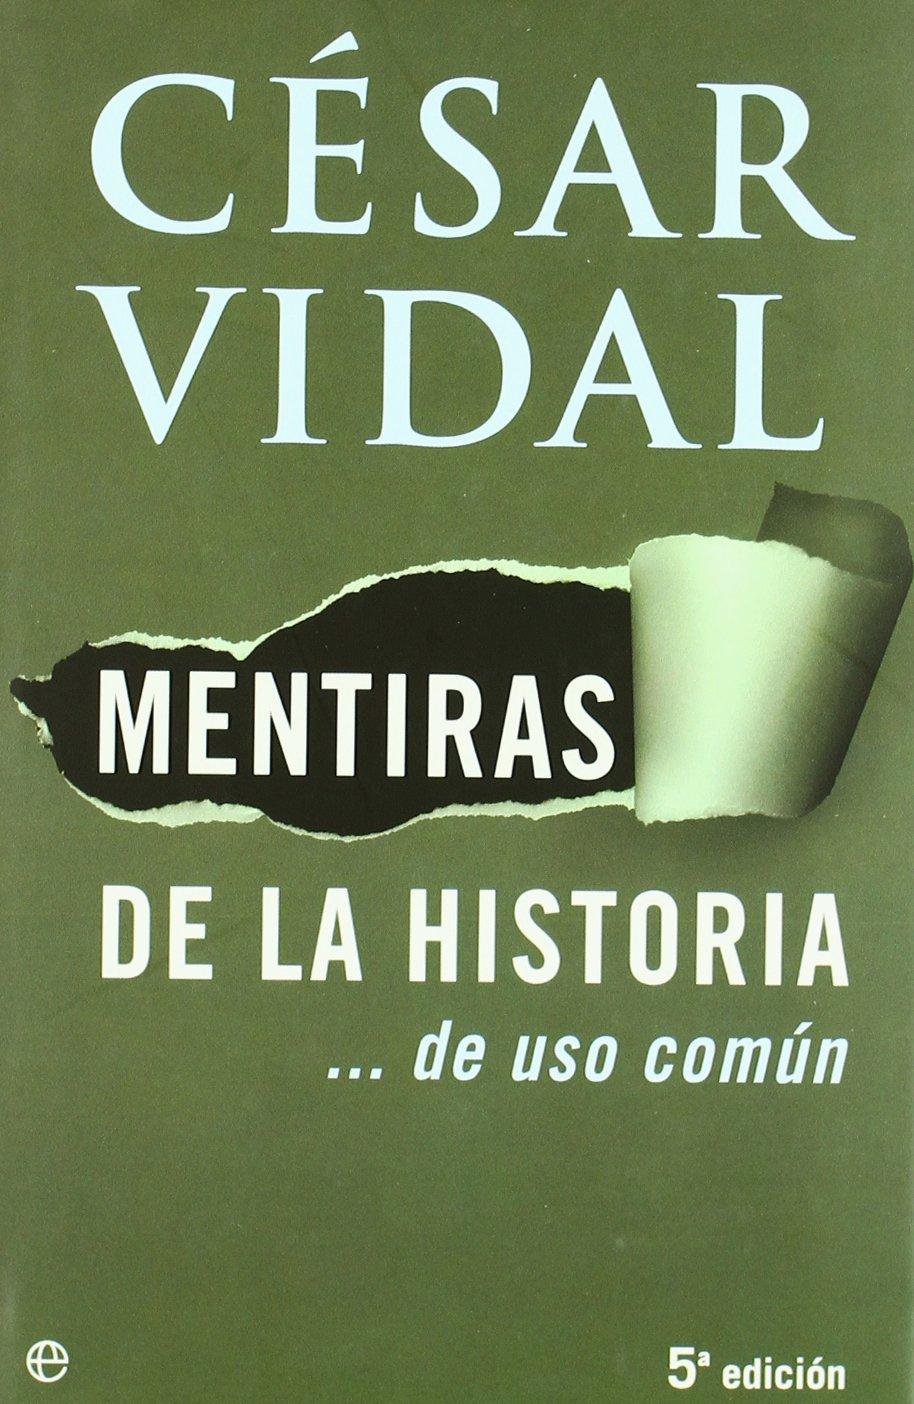 Mentiras de la historia ... de uso comun: Amazon.es: Vidal, Cesar: Libros